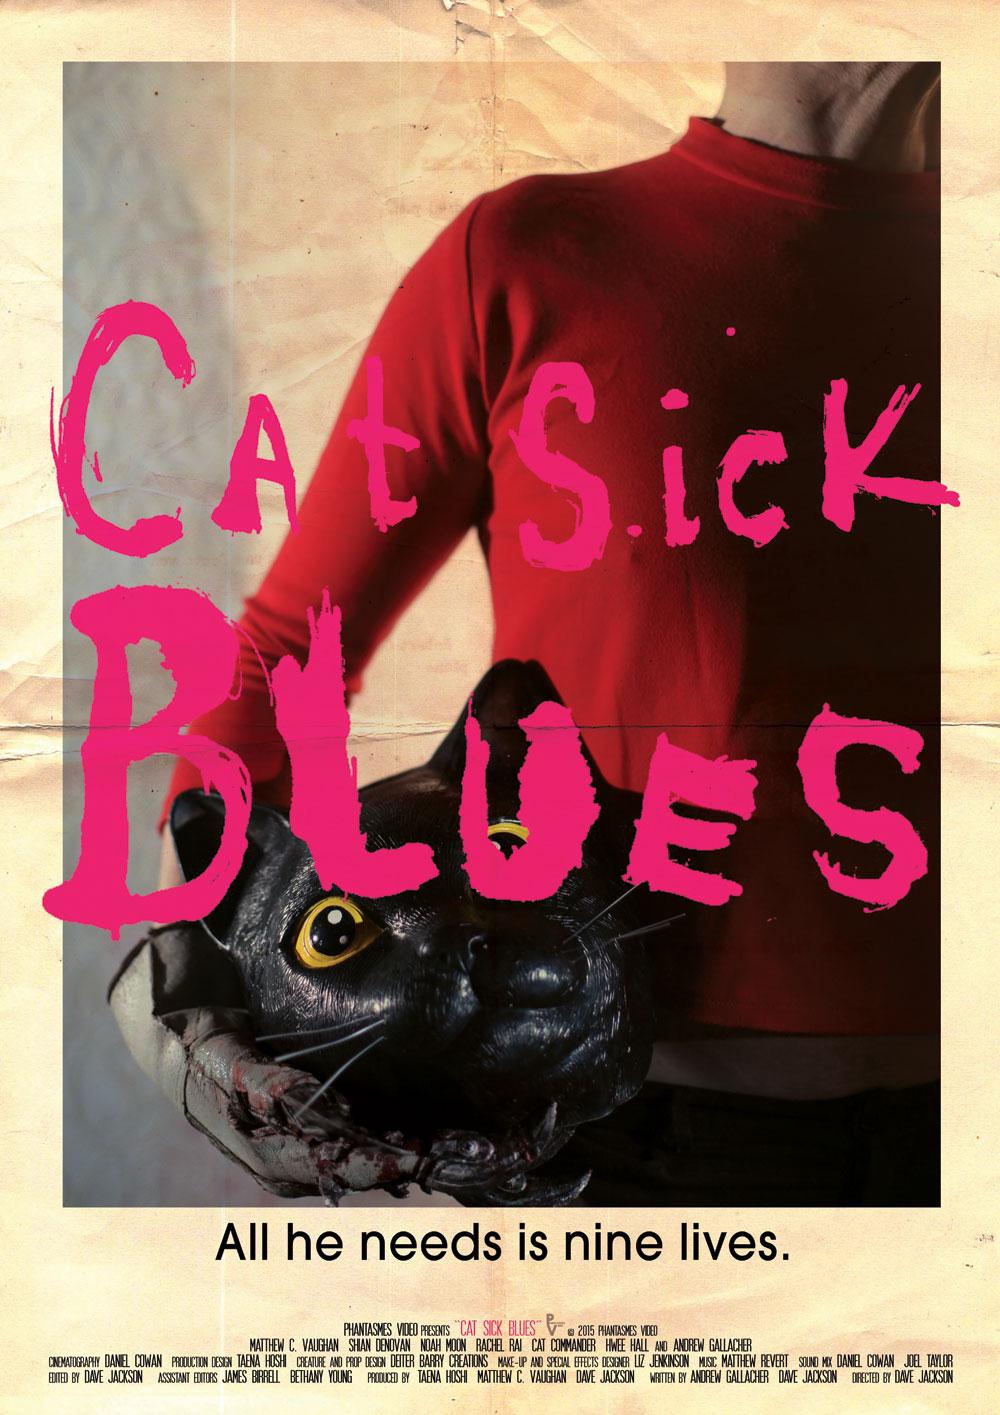 Cat-Sick-Blues-poster